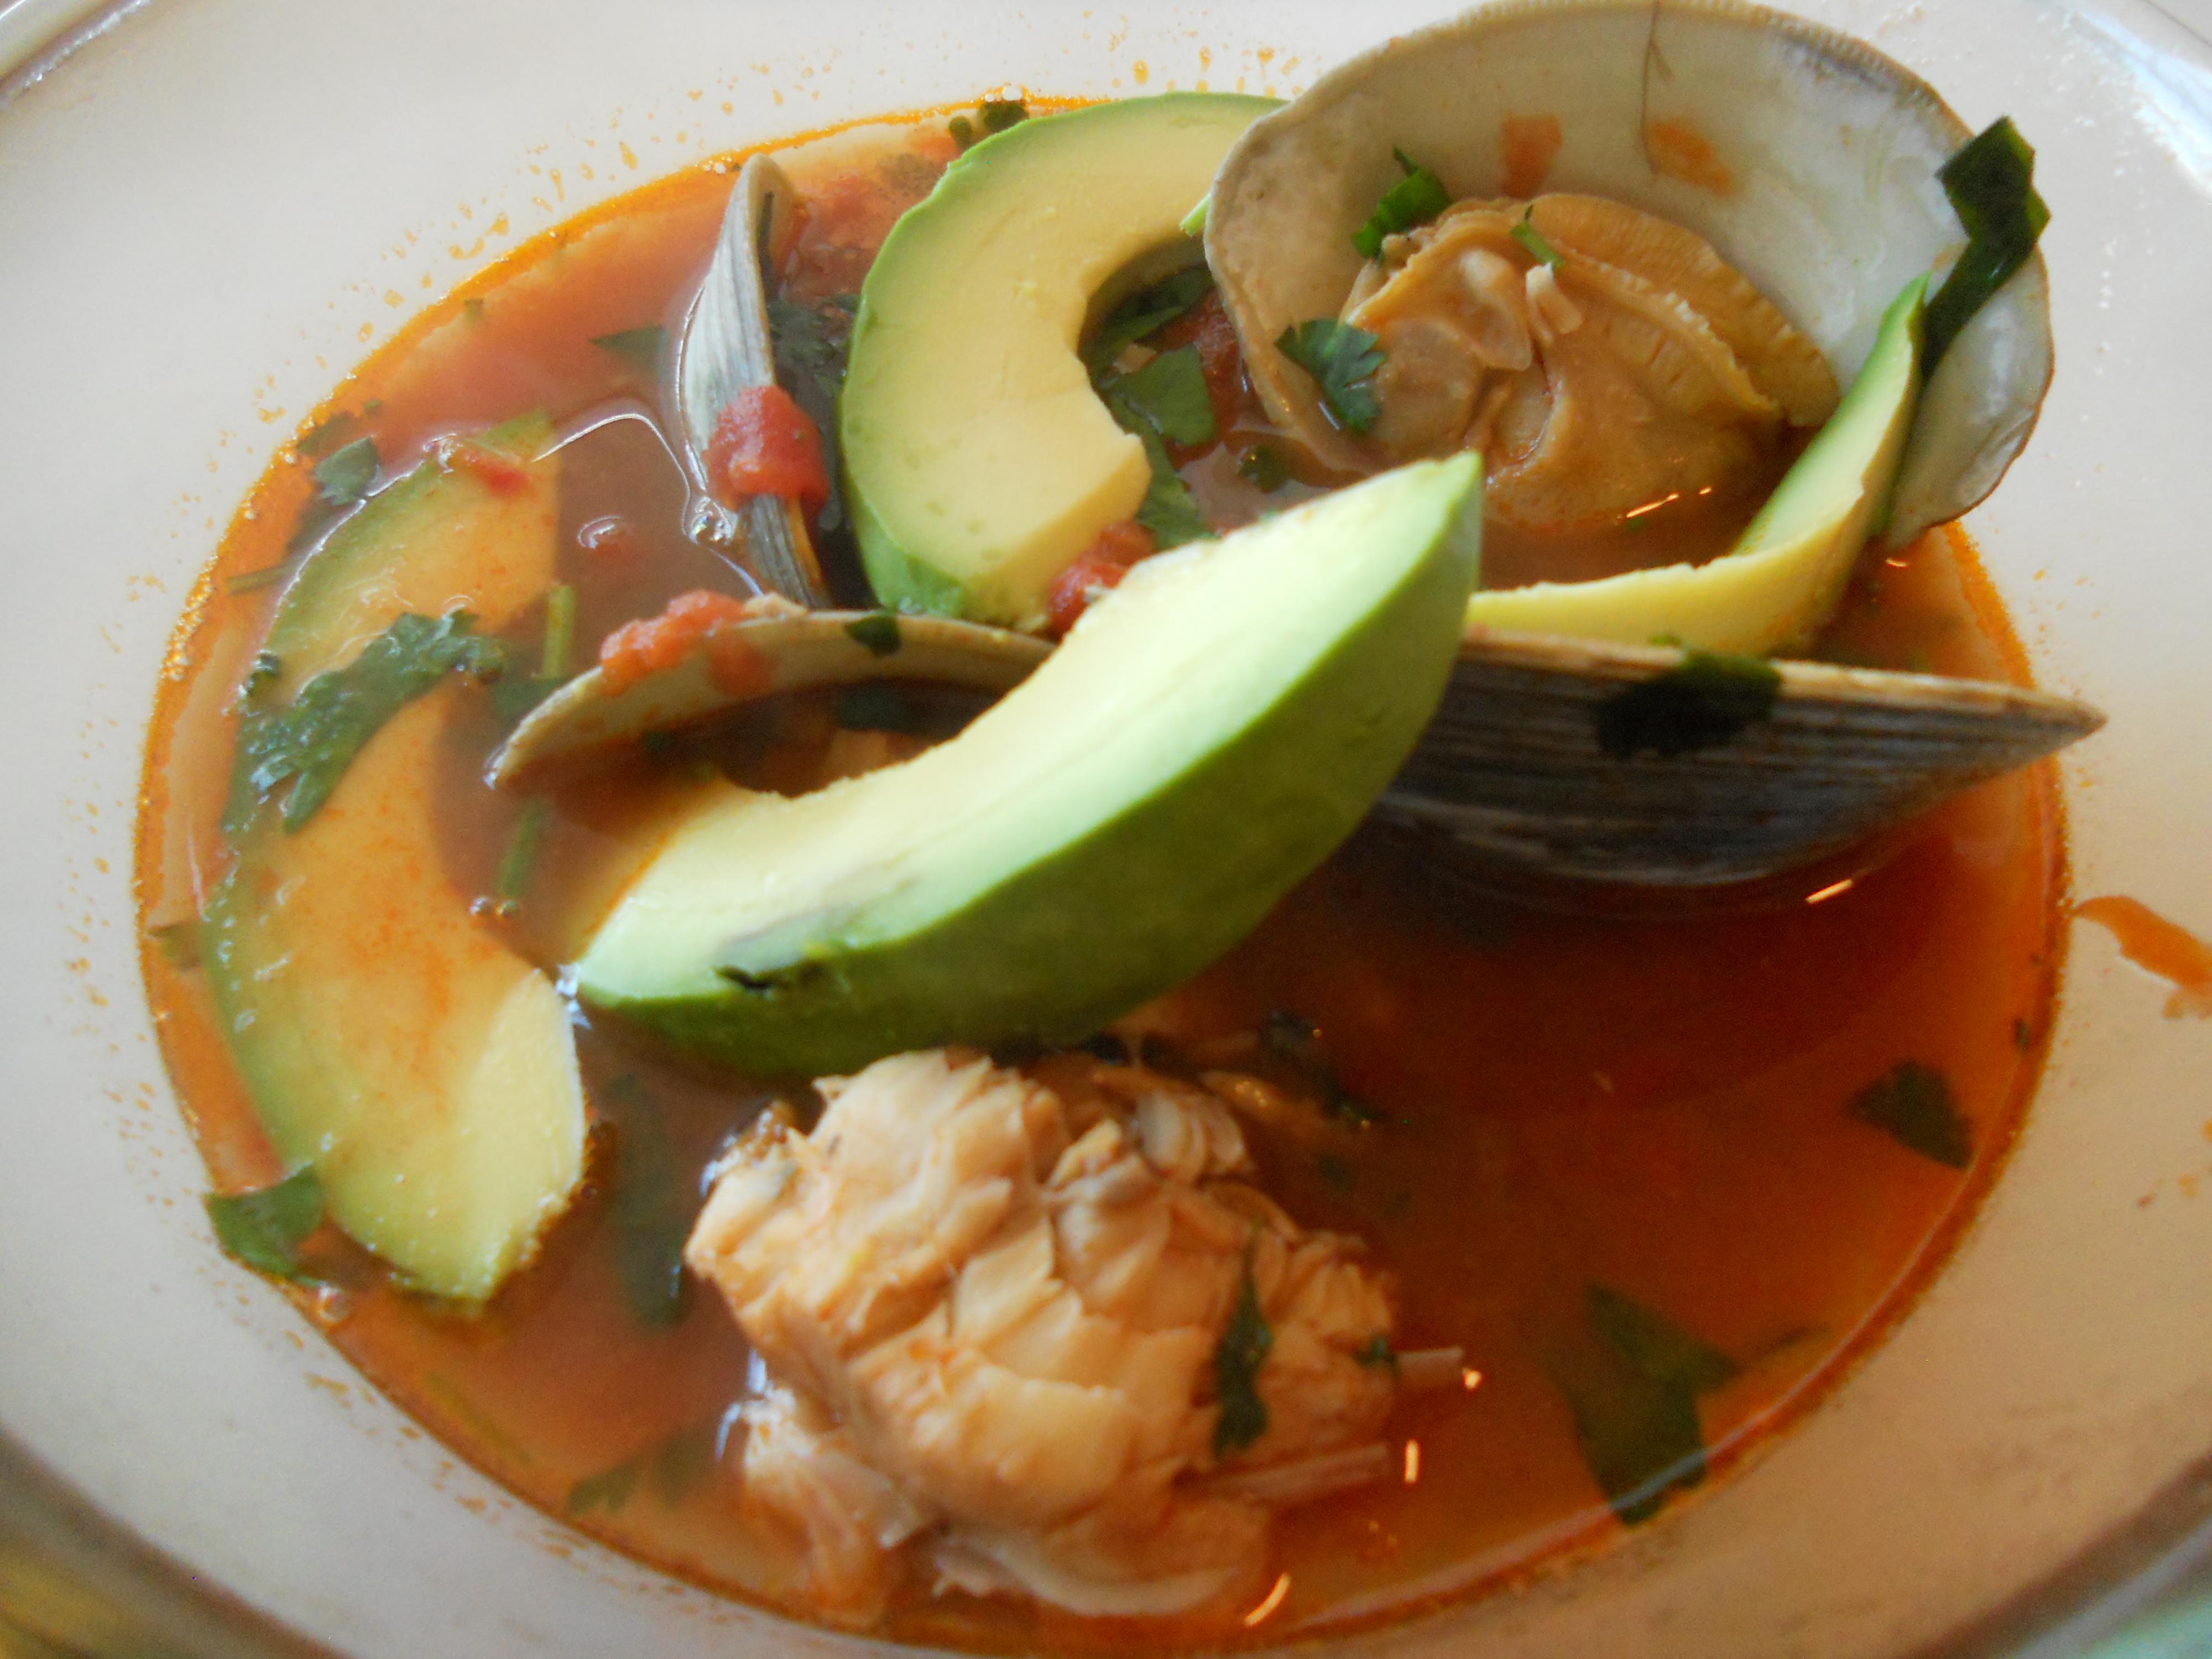 Pan asian sancocho de cabeza de pescado fish head soup for Fish head soup